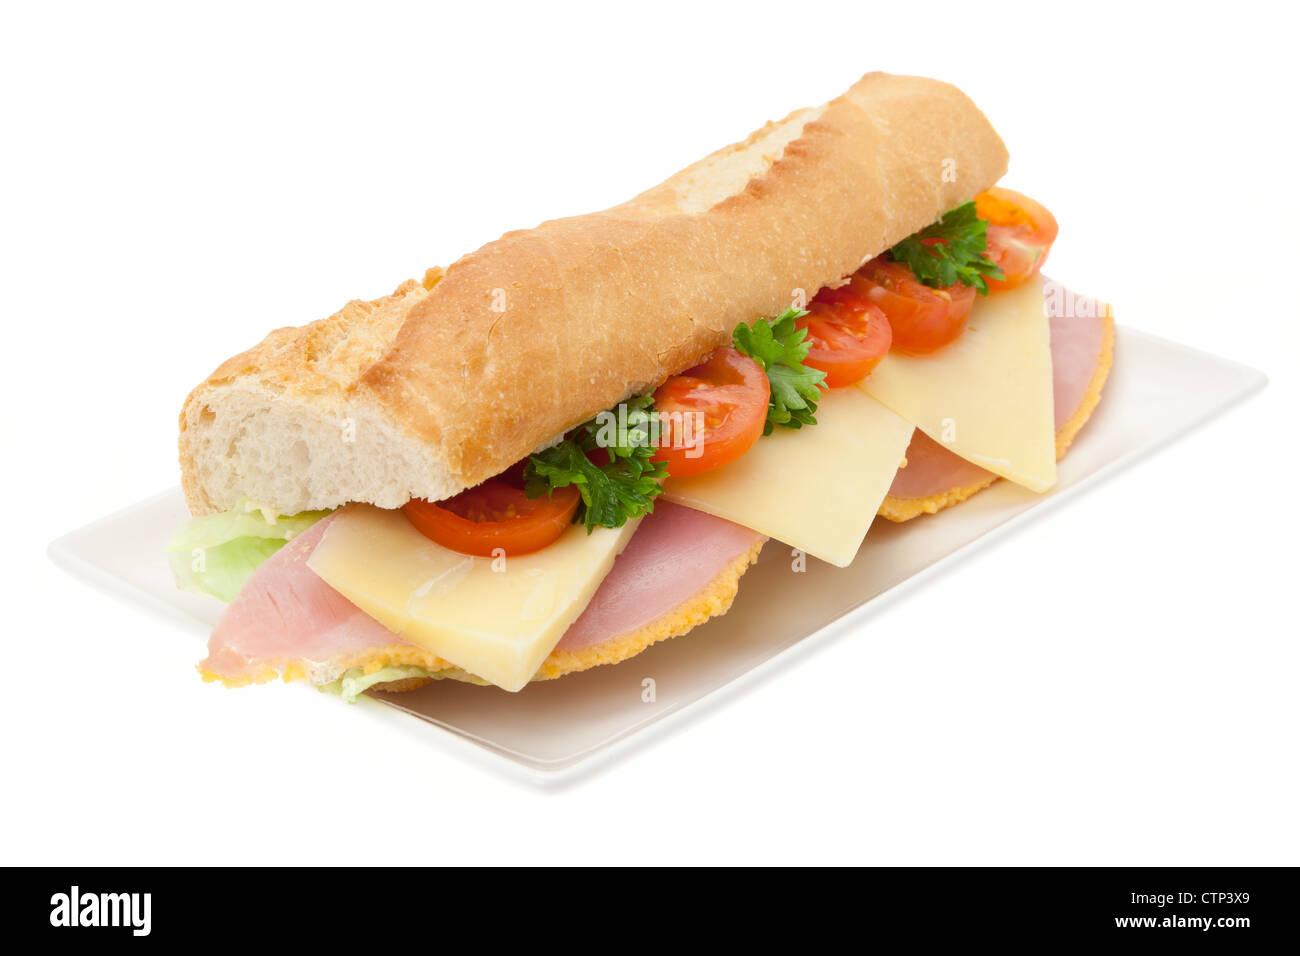 Un jambon frais, fromage et salade sandwich dans une baguette française sur une plaque blanche chine - studio Photo Stock